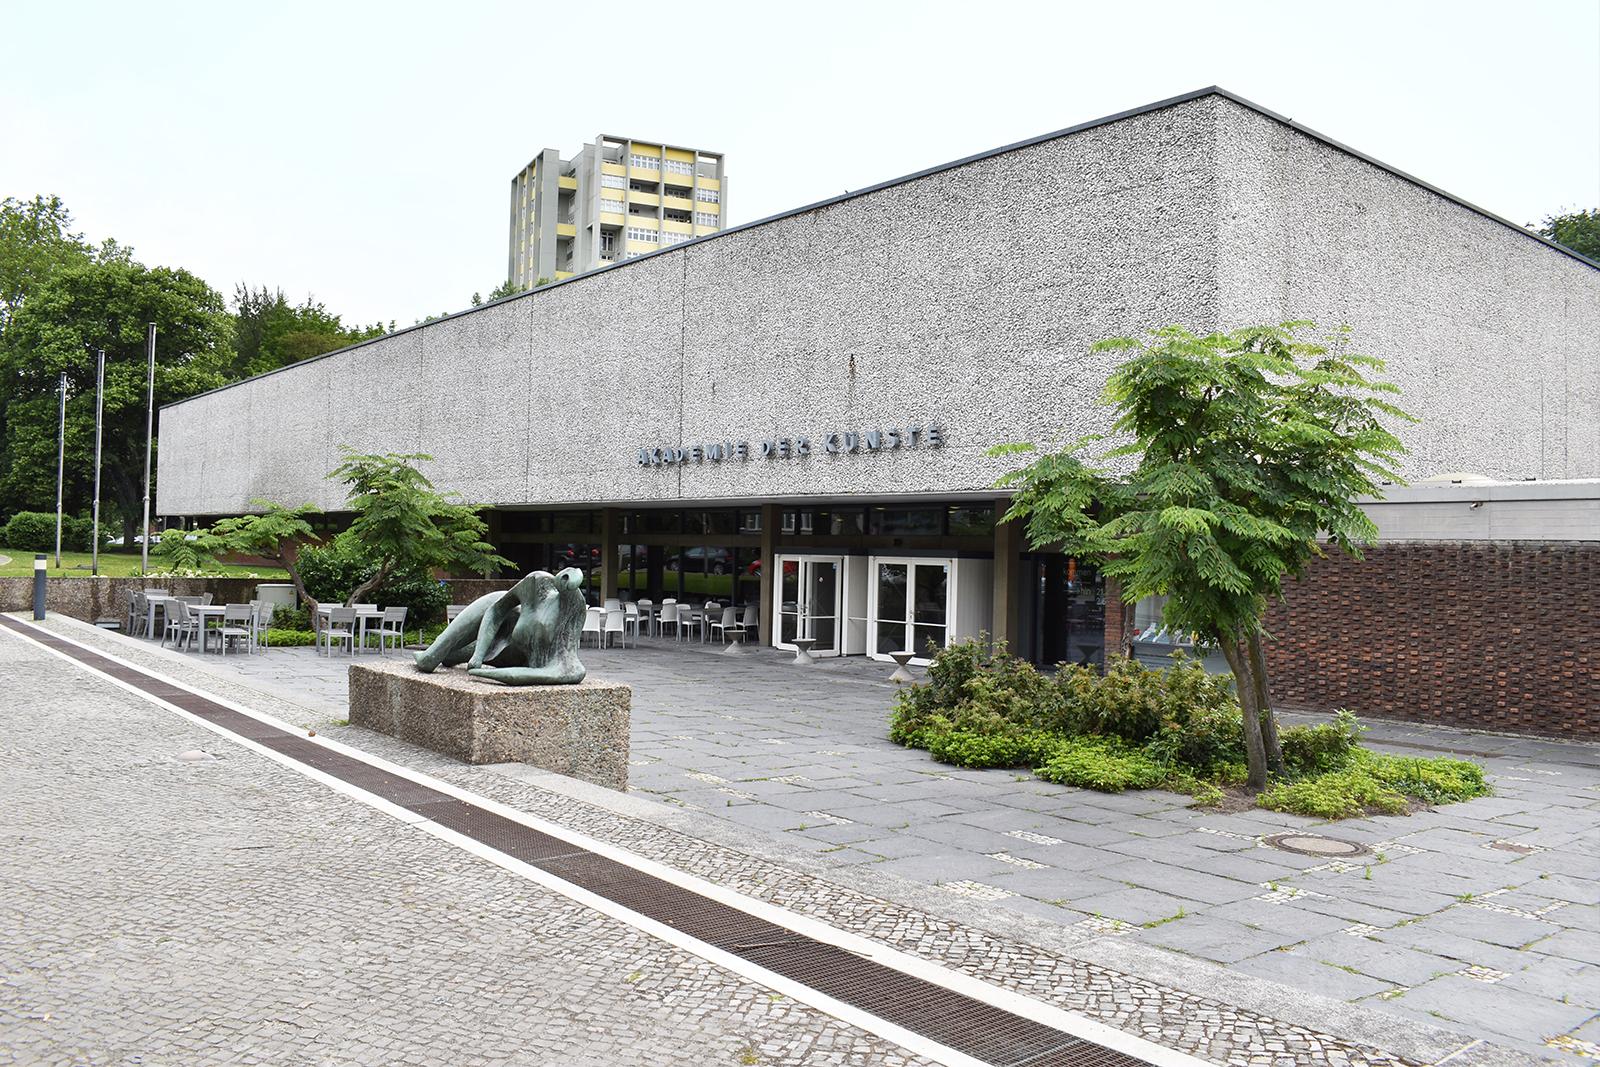 vorplatz-akademie-der-kuenste-berlin-hanseatenweg-eingang-aussenanlagen-armbruster-landschaftsarchitektur-rinne-pflanzung-perspektive